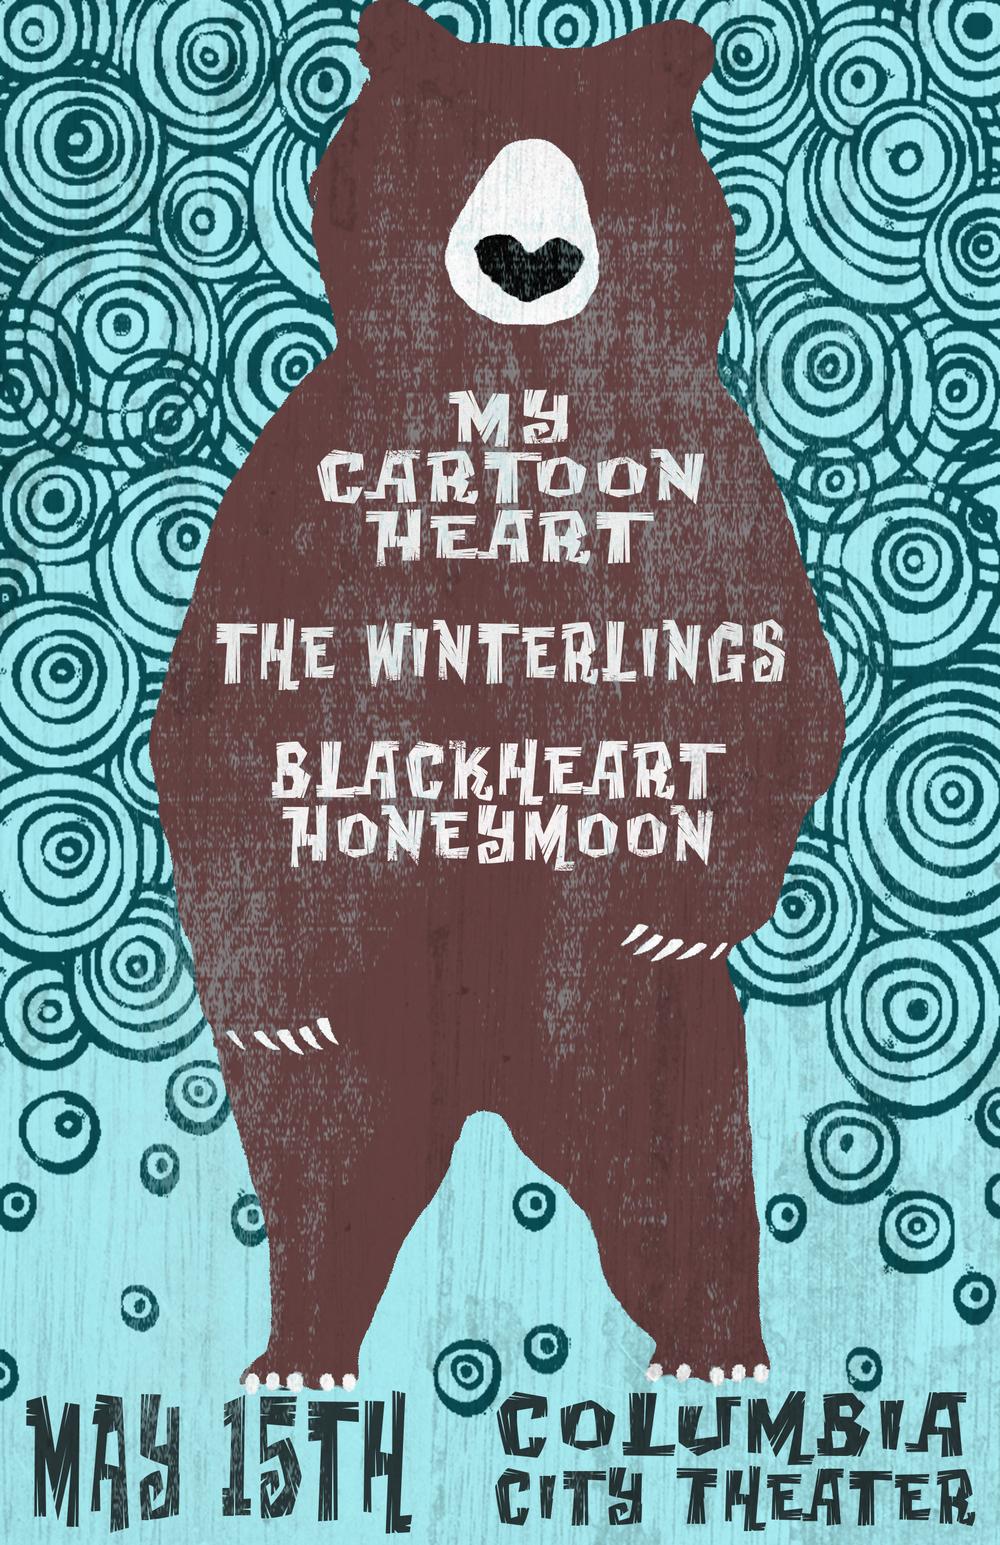 bear_poster2_color.jpg